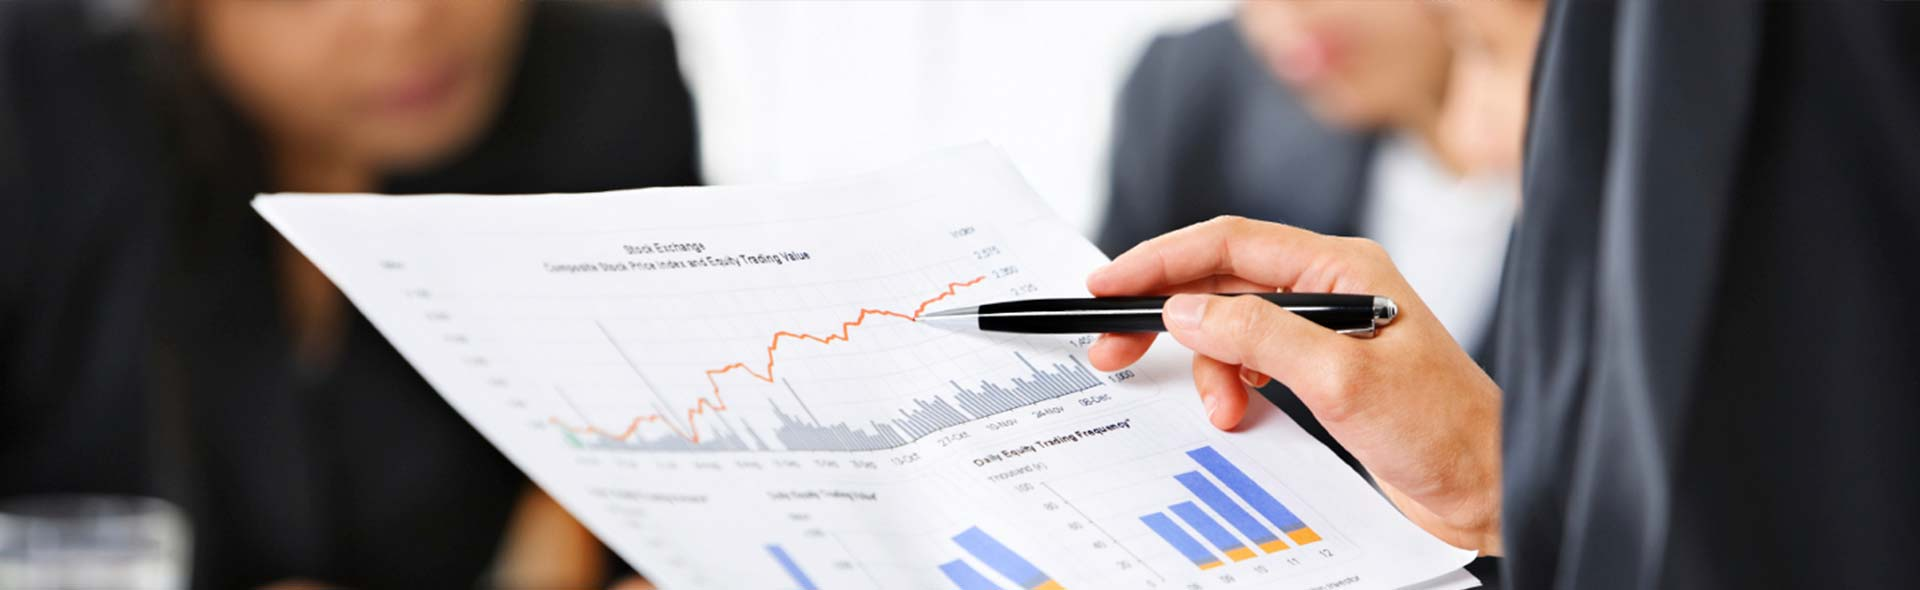 Consultoria e Auditoria - DW Audit D'agostini Consultoria